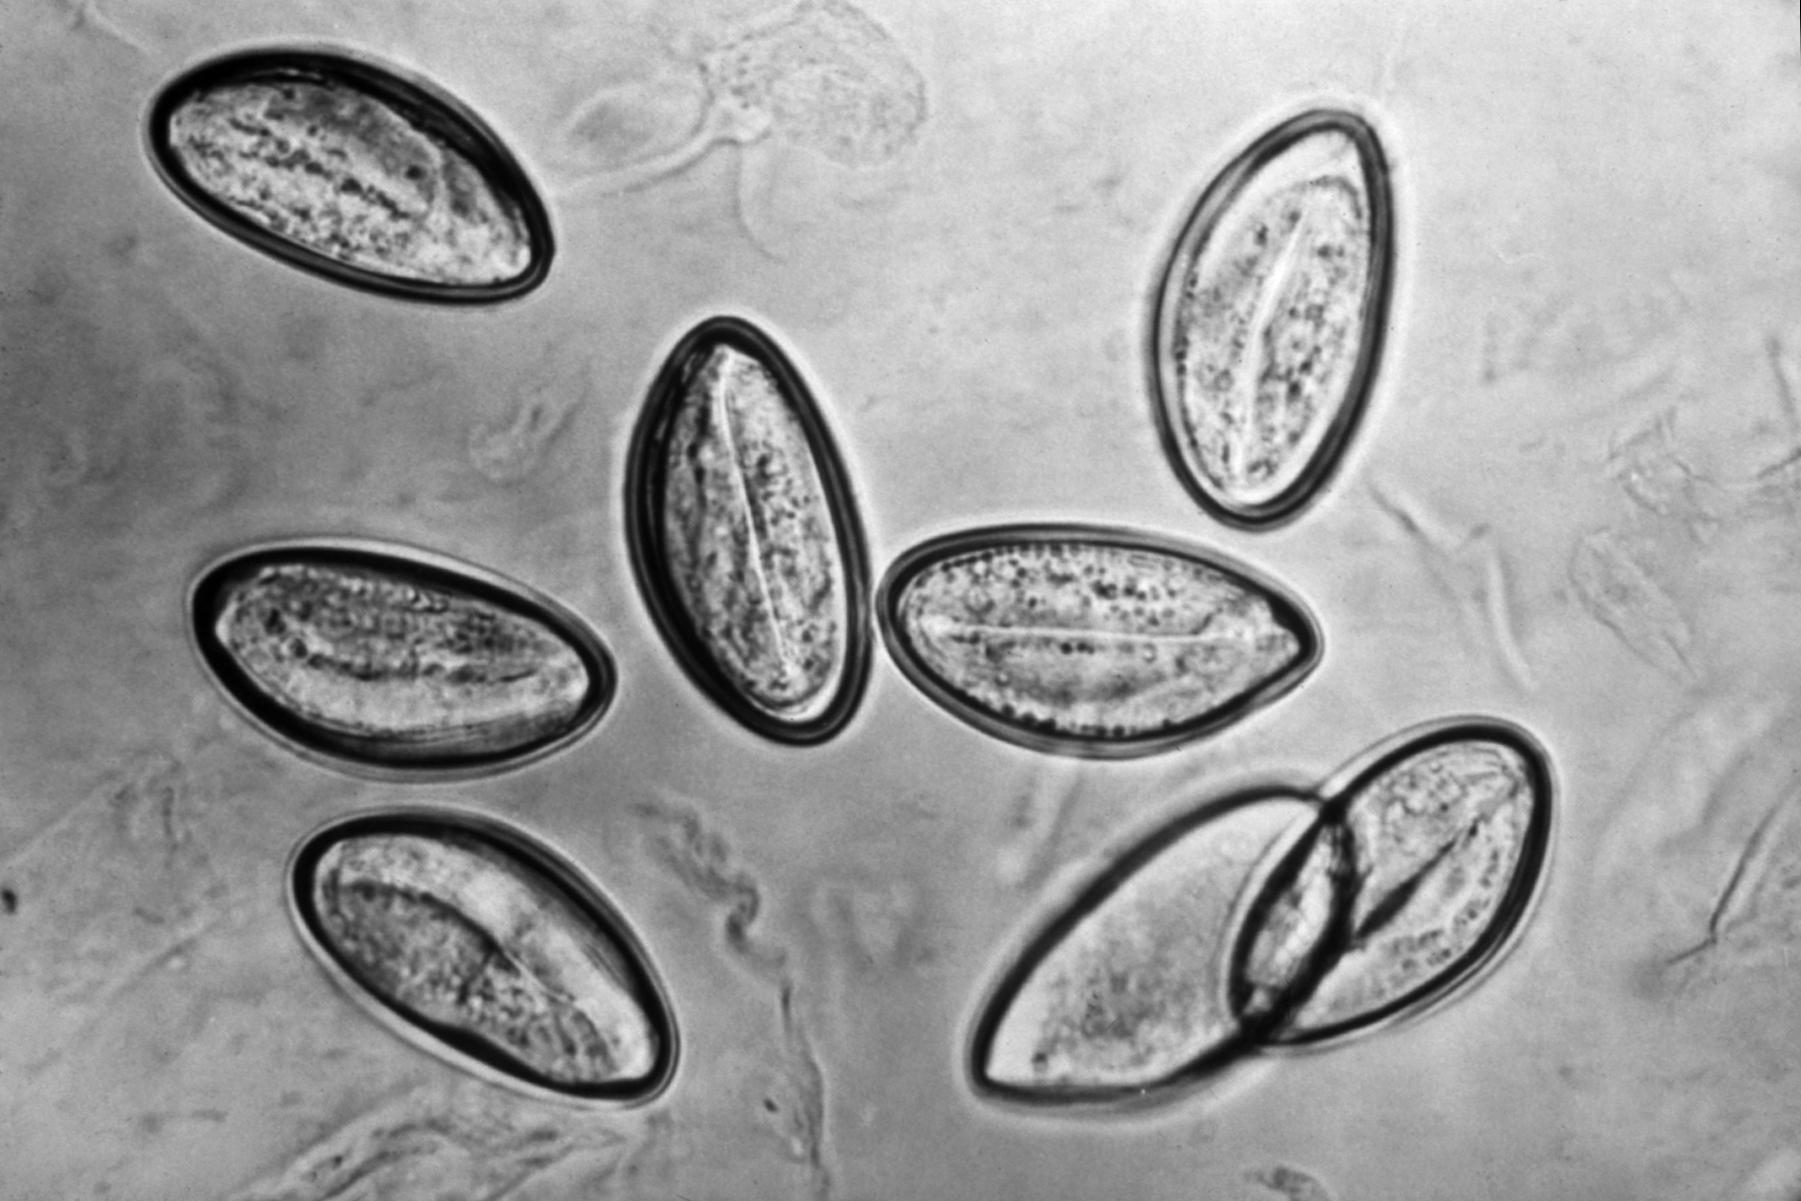 enterobius vermicularis is verruca hurting foot